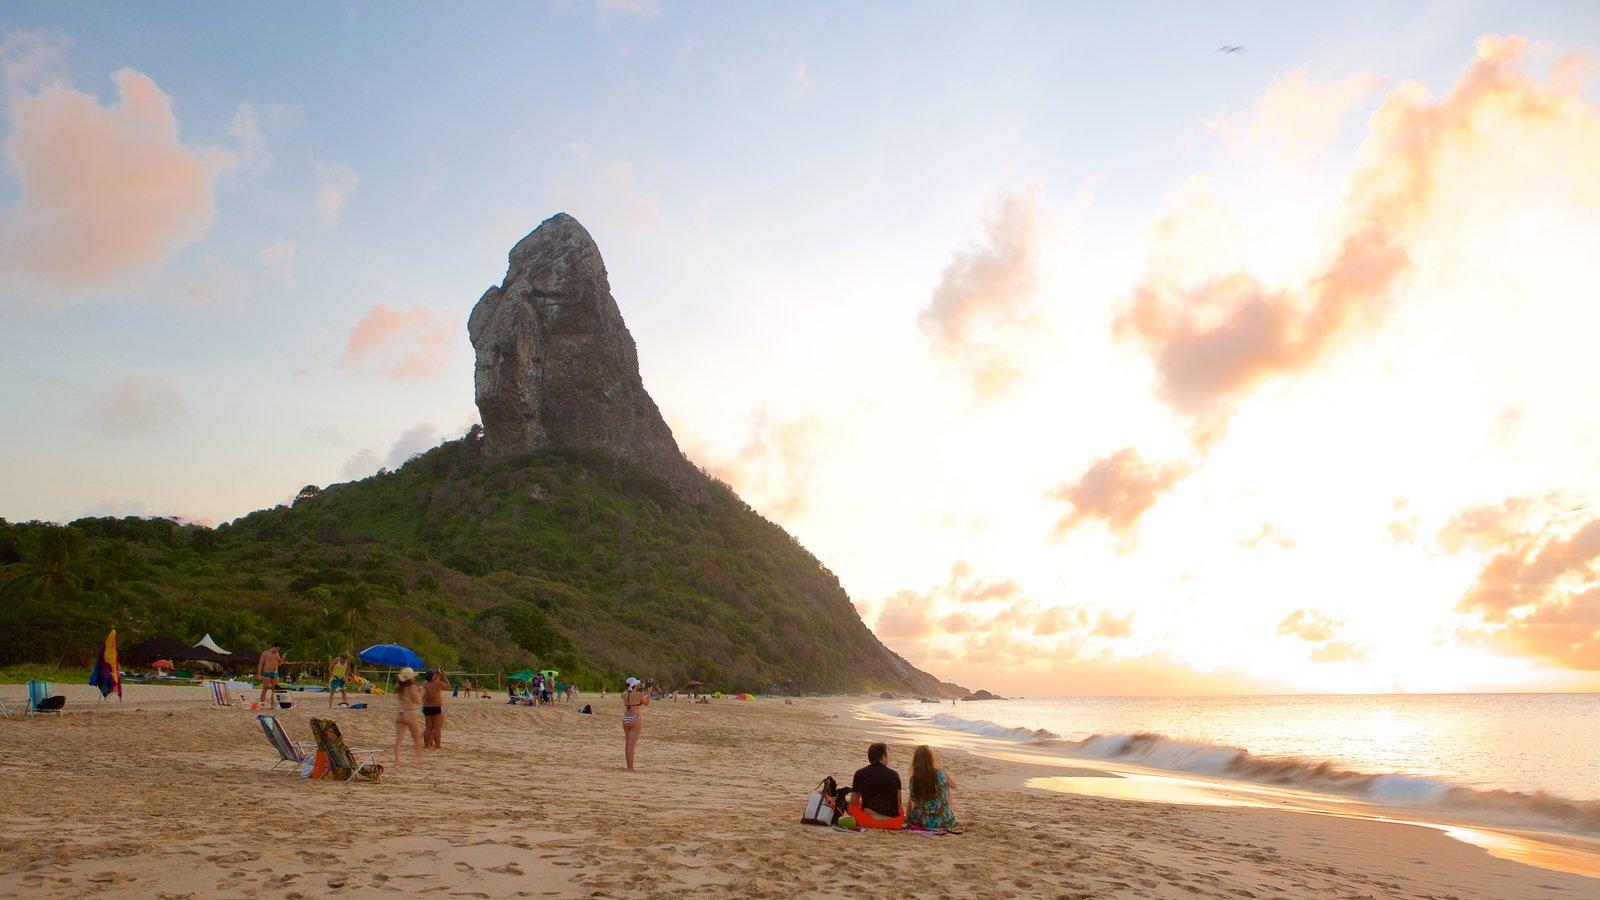 Praia da Conceição que inclui um pôr do sol, uma praia e paisagens litorâneas